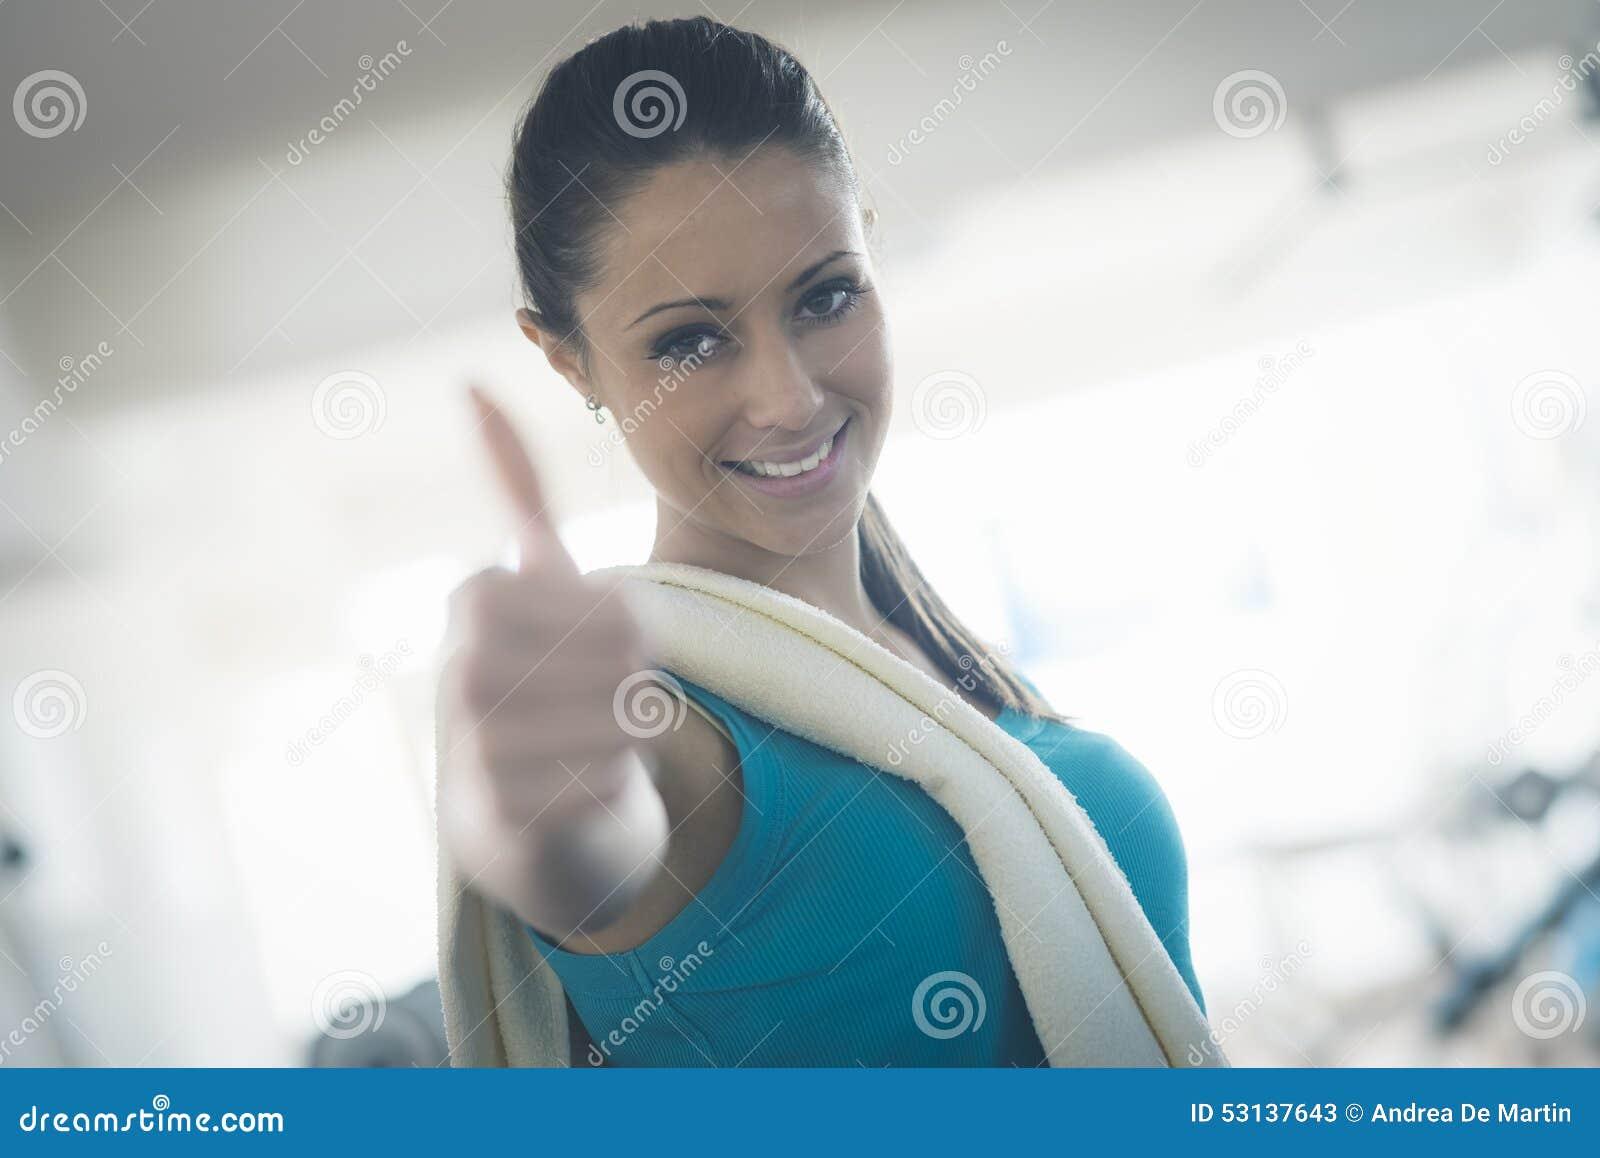 Привлекательная молодая женщина на спортзале